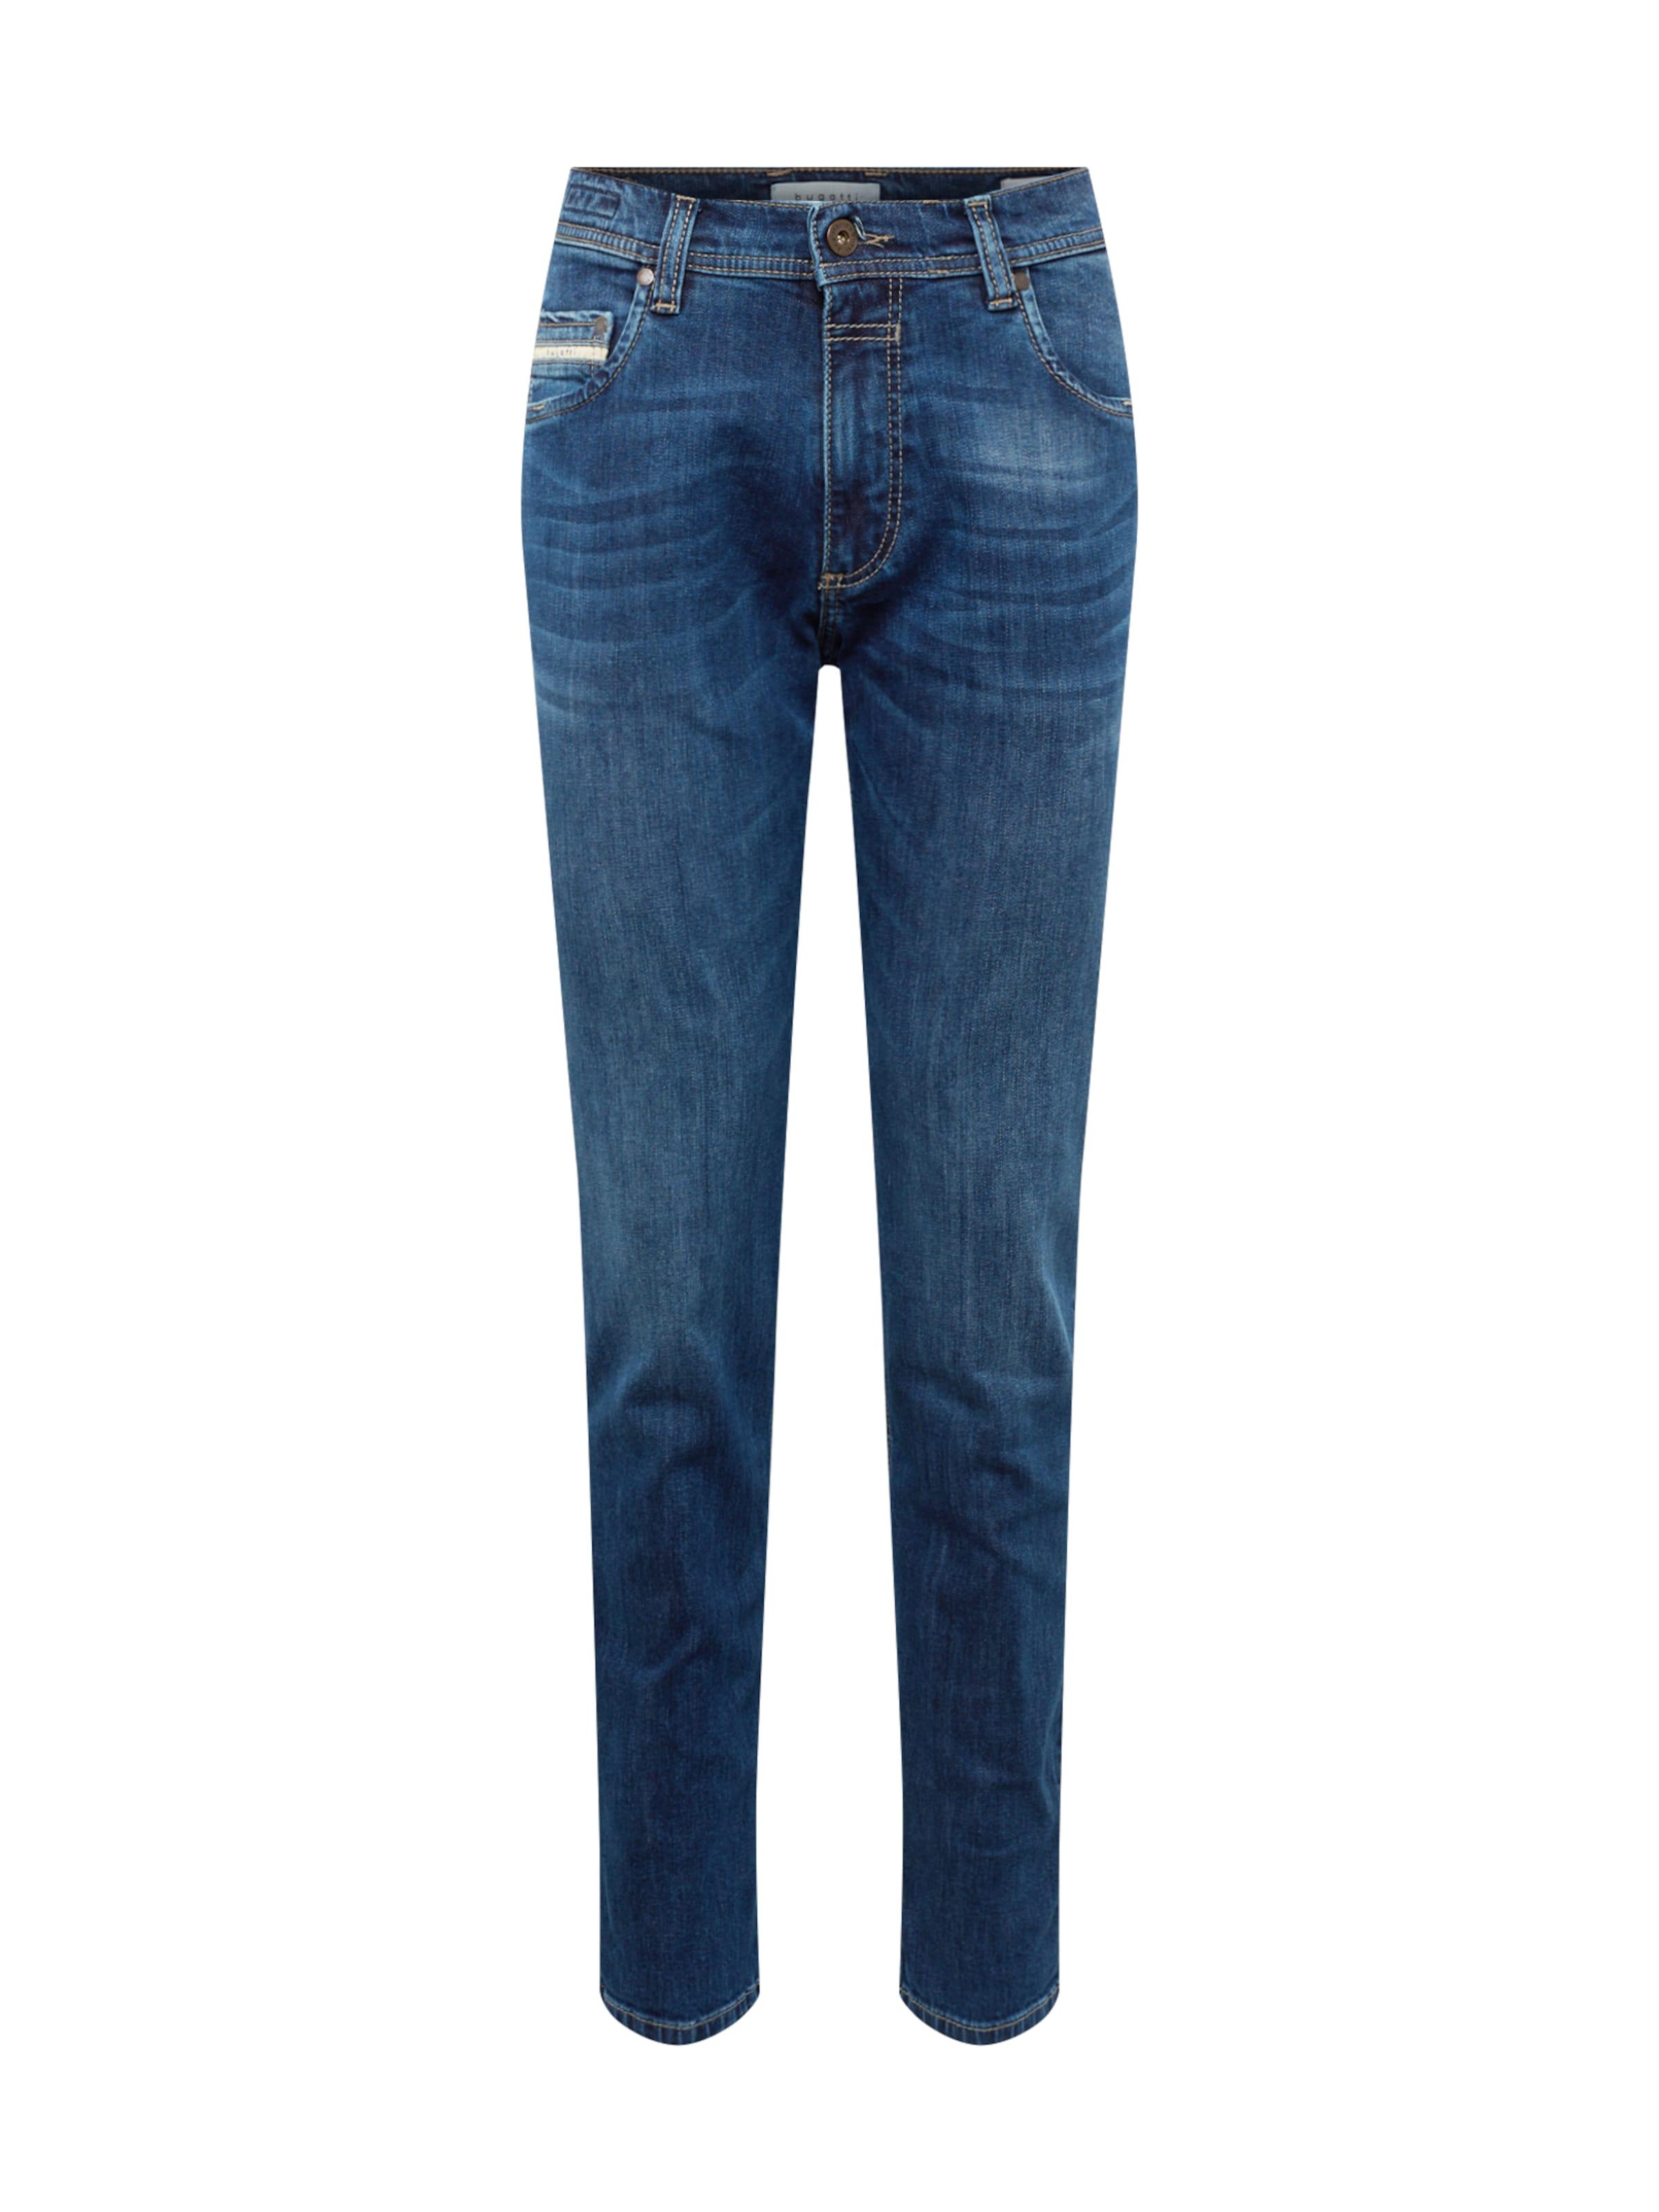 Blue Bugatti In Jeans Jeans Denim Bugatti zMSUVp